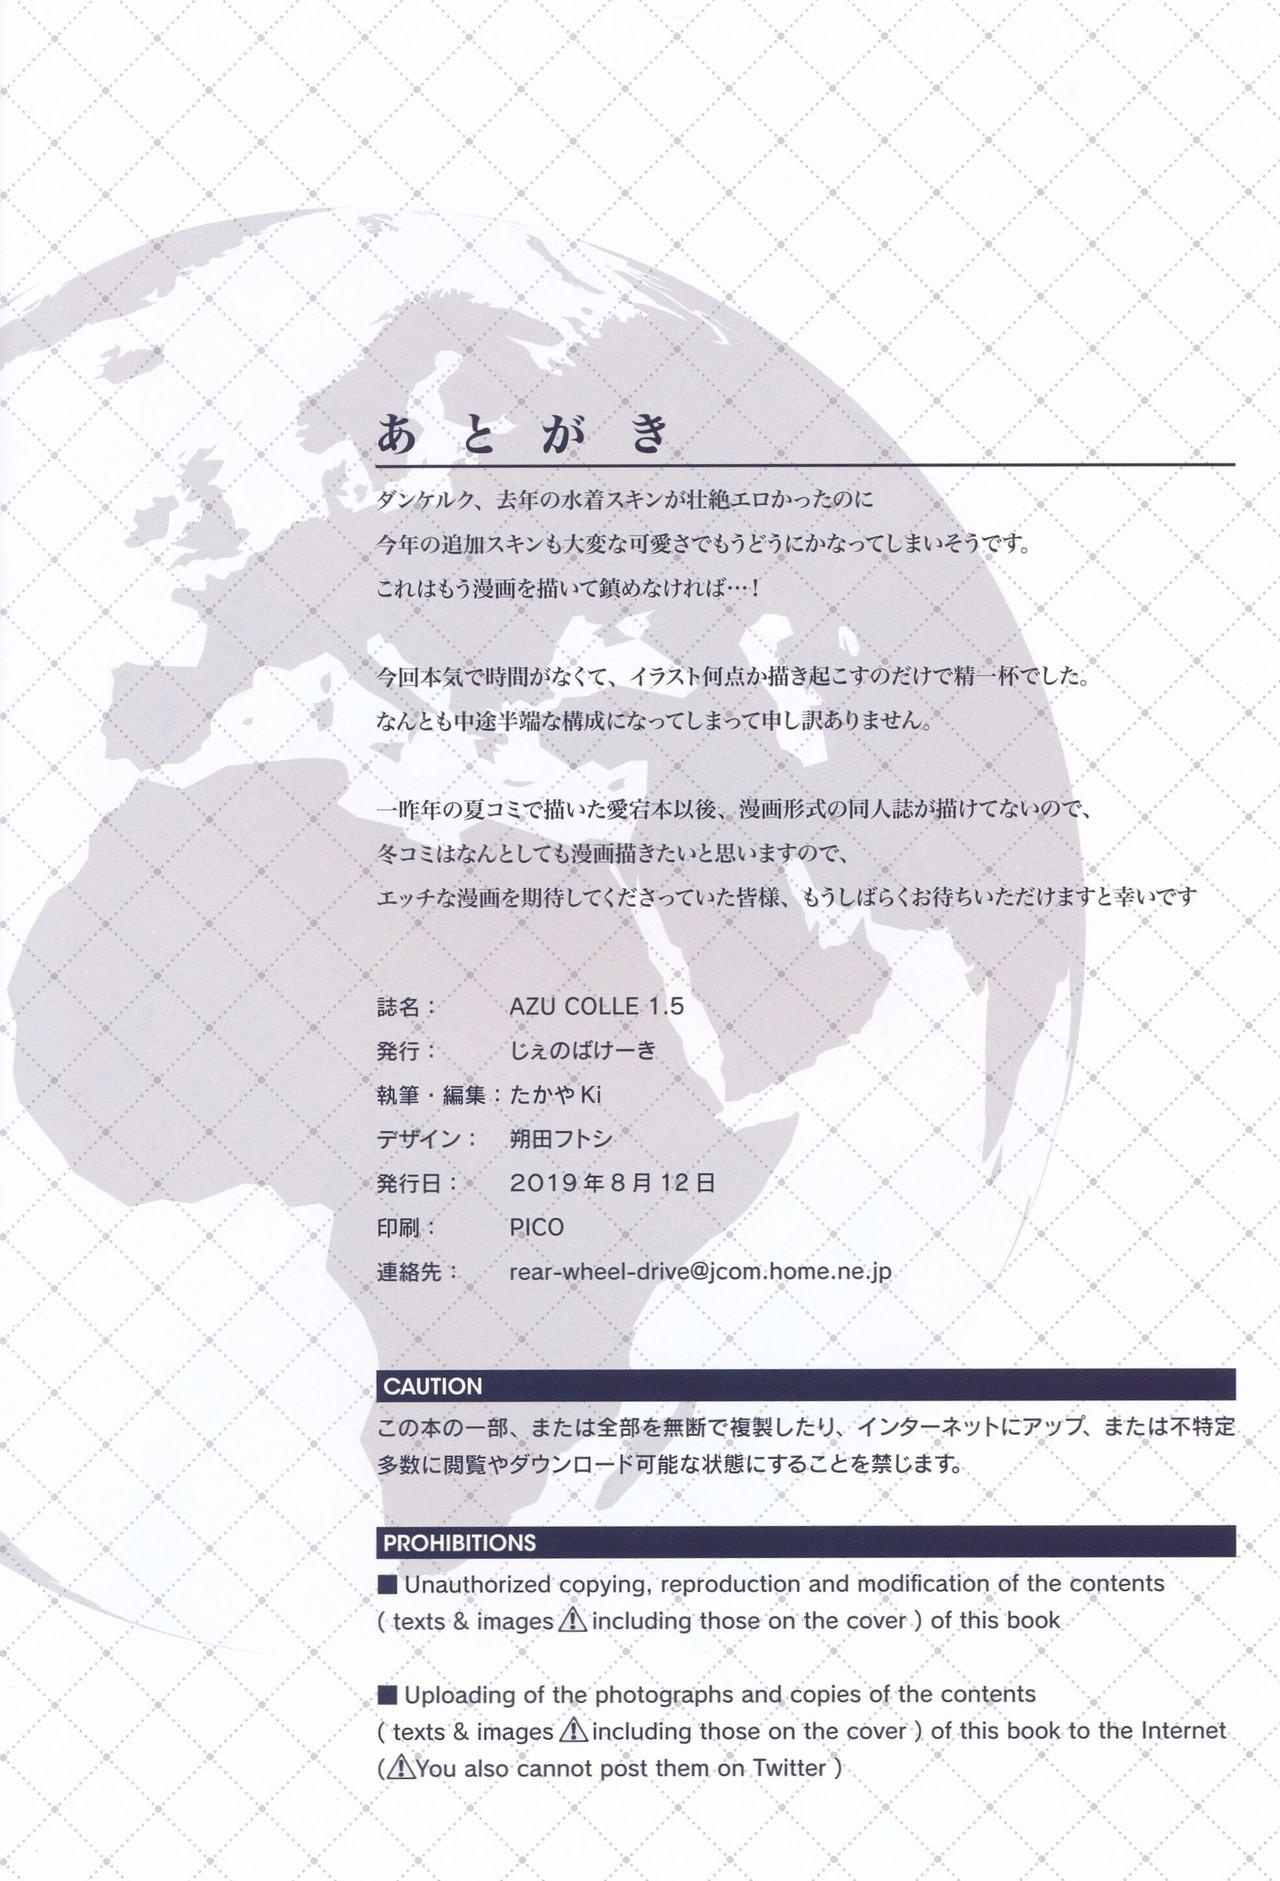 AZU COLLE 1.5 16